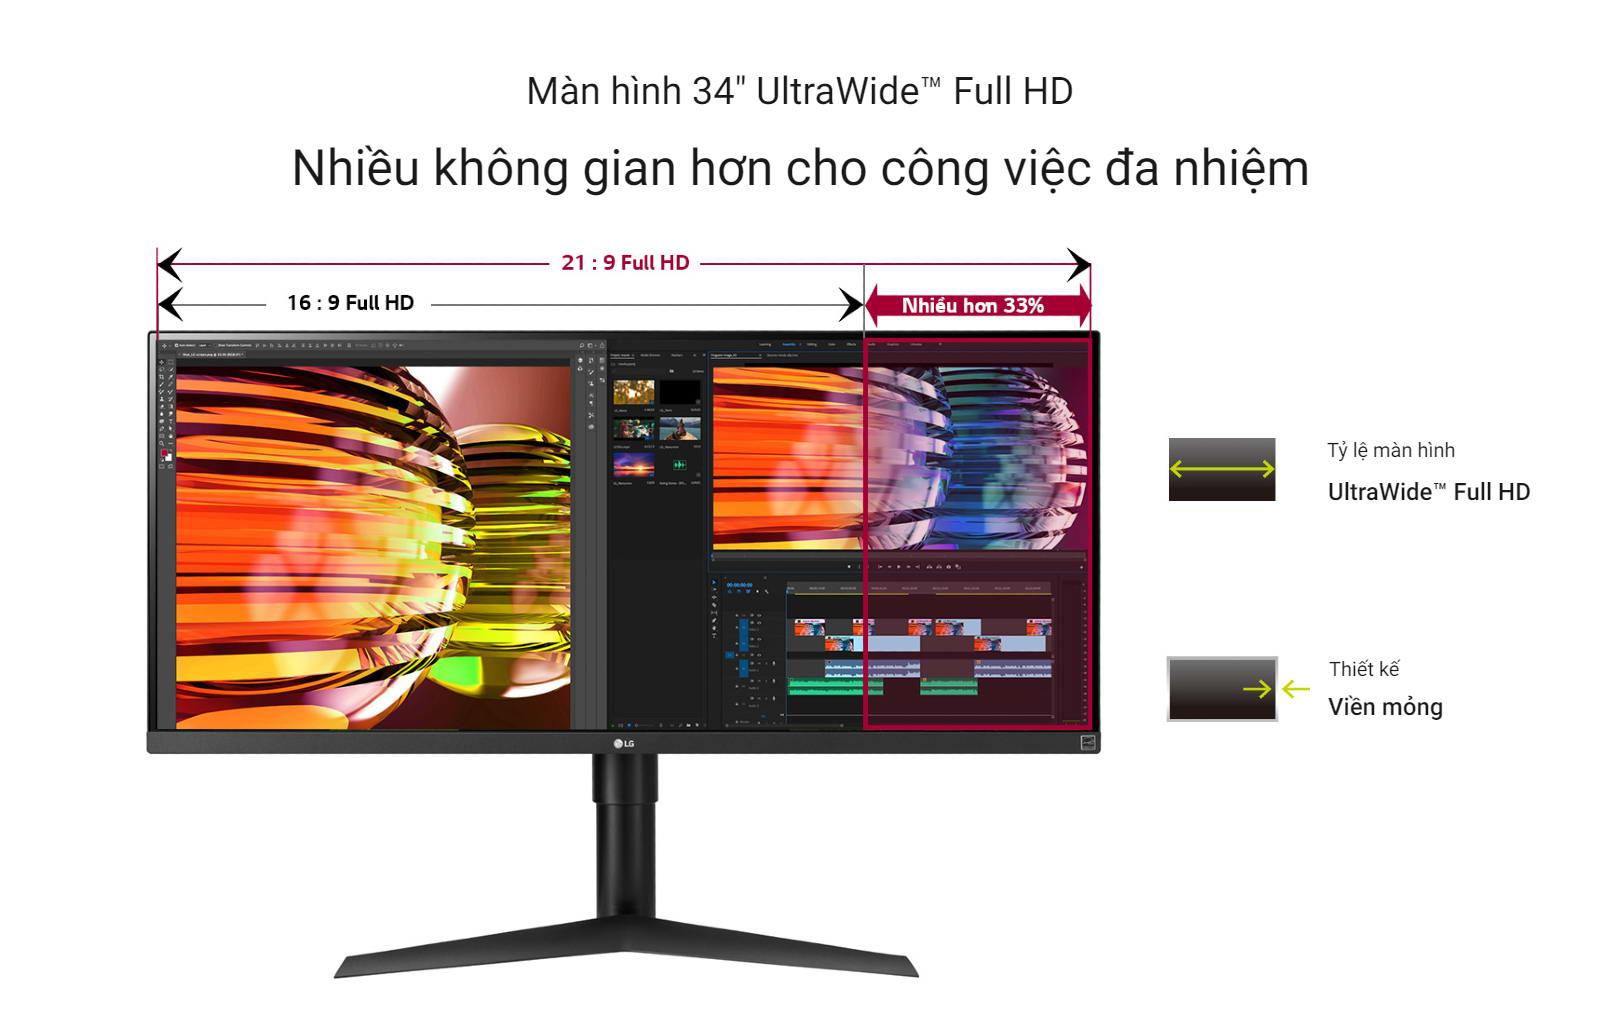 34WP65G-B là màn hình 34